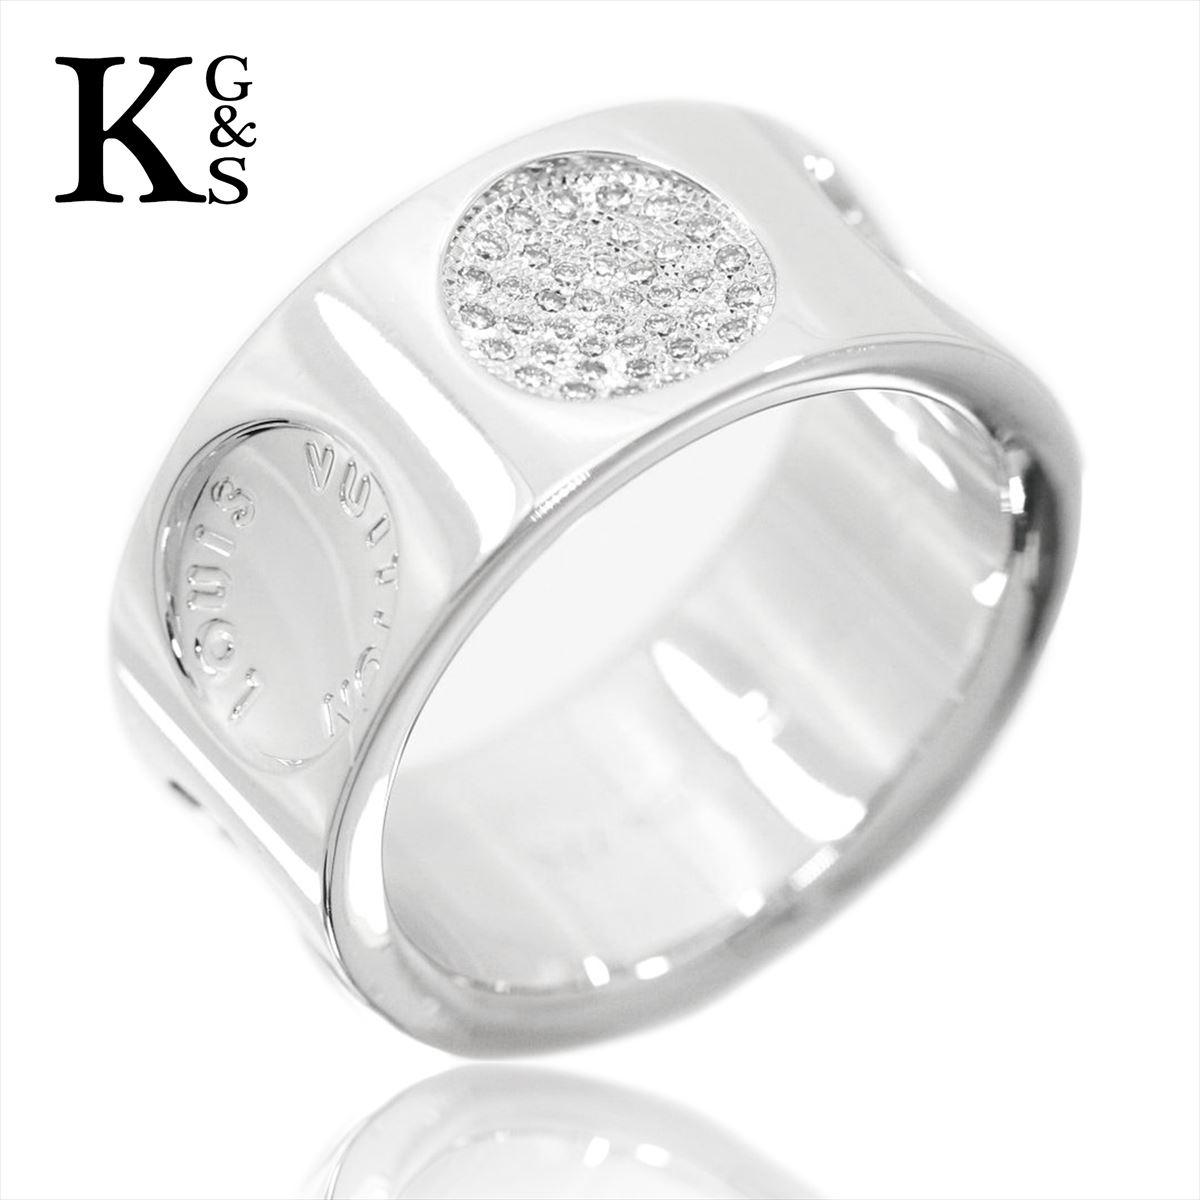 【ギフト品質】【名入れ】ルイヴィトン/Louis Vuitton グランド・バーグ アンプラント リング / 指輪 ホワイトゴールド×ダイヤモンド Q9138A